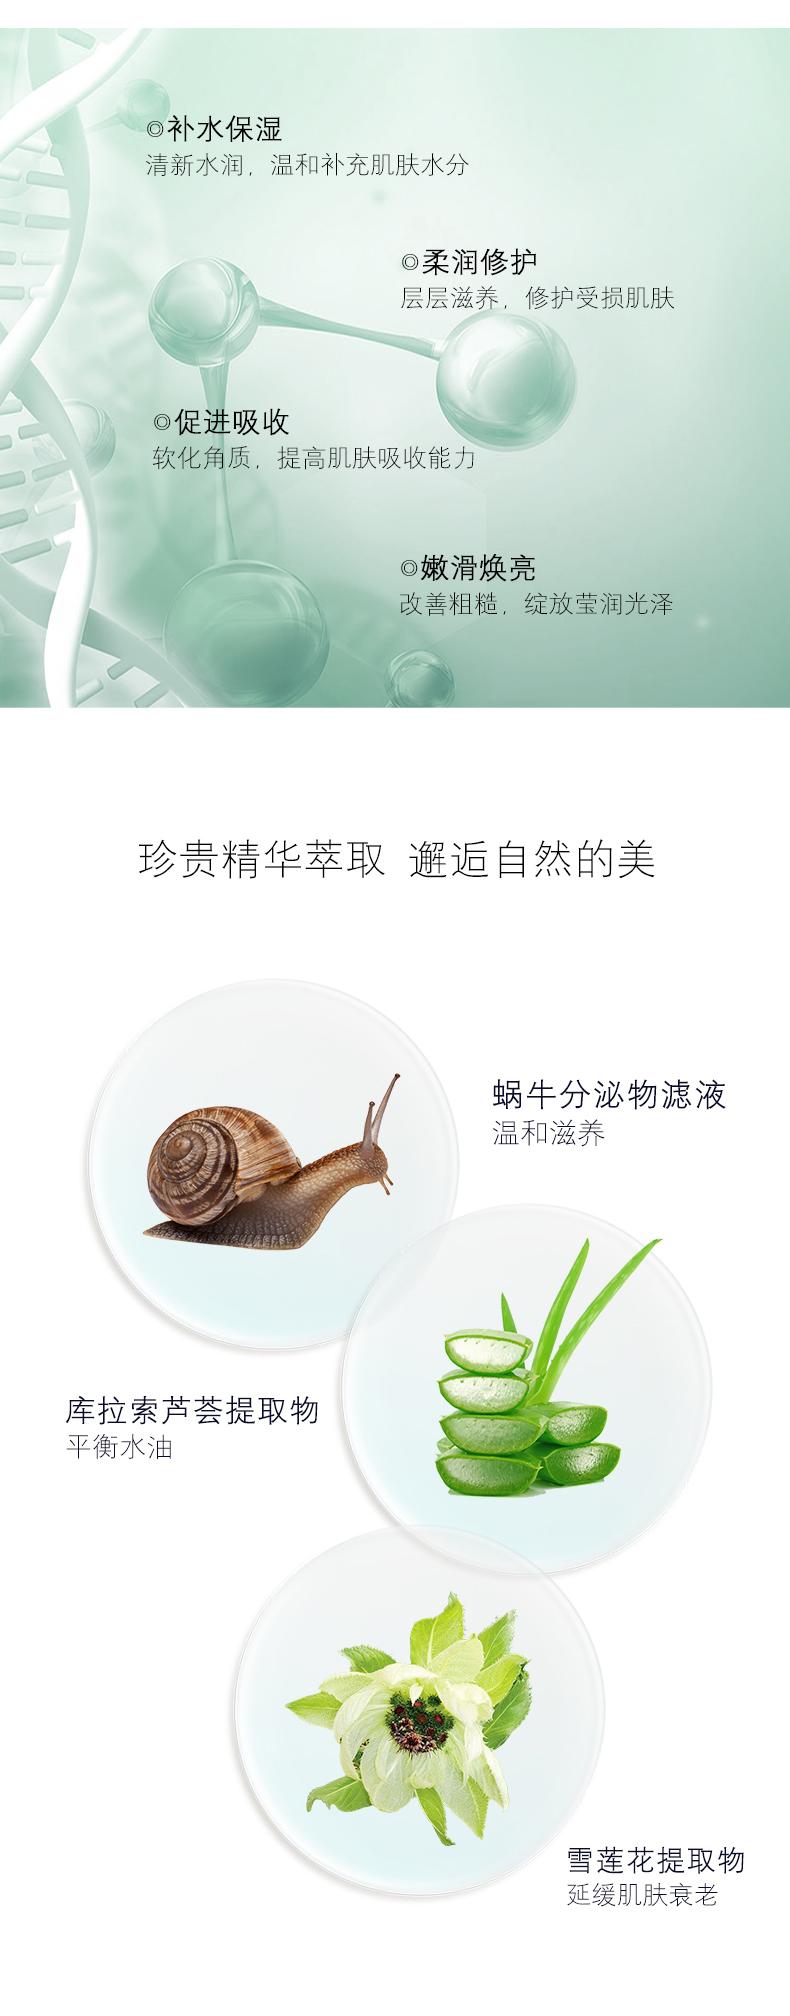 正品姬存希蜗牛原液修护精华30ML 刮码 高效补水修复痘印扶平细纹